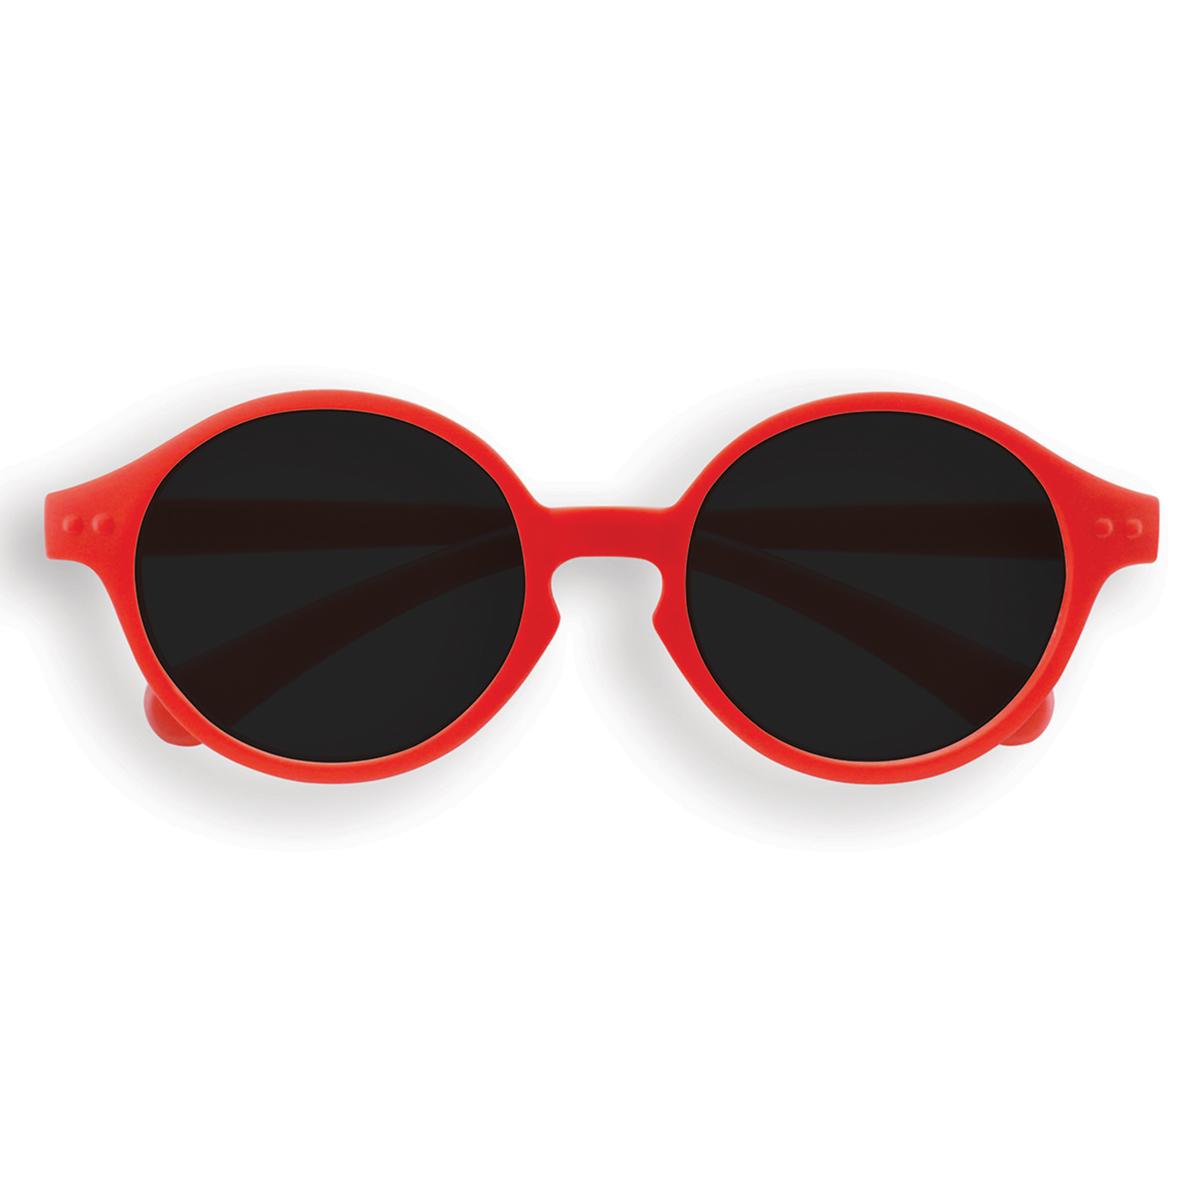 Accessoires bébé Lunettes de Soleil Sun Baby 0/12 Mois - Red